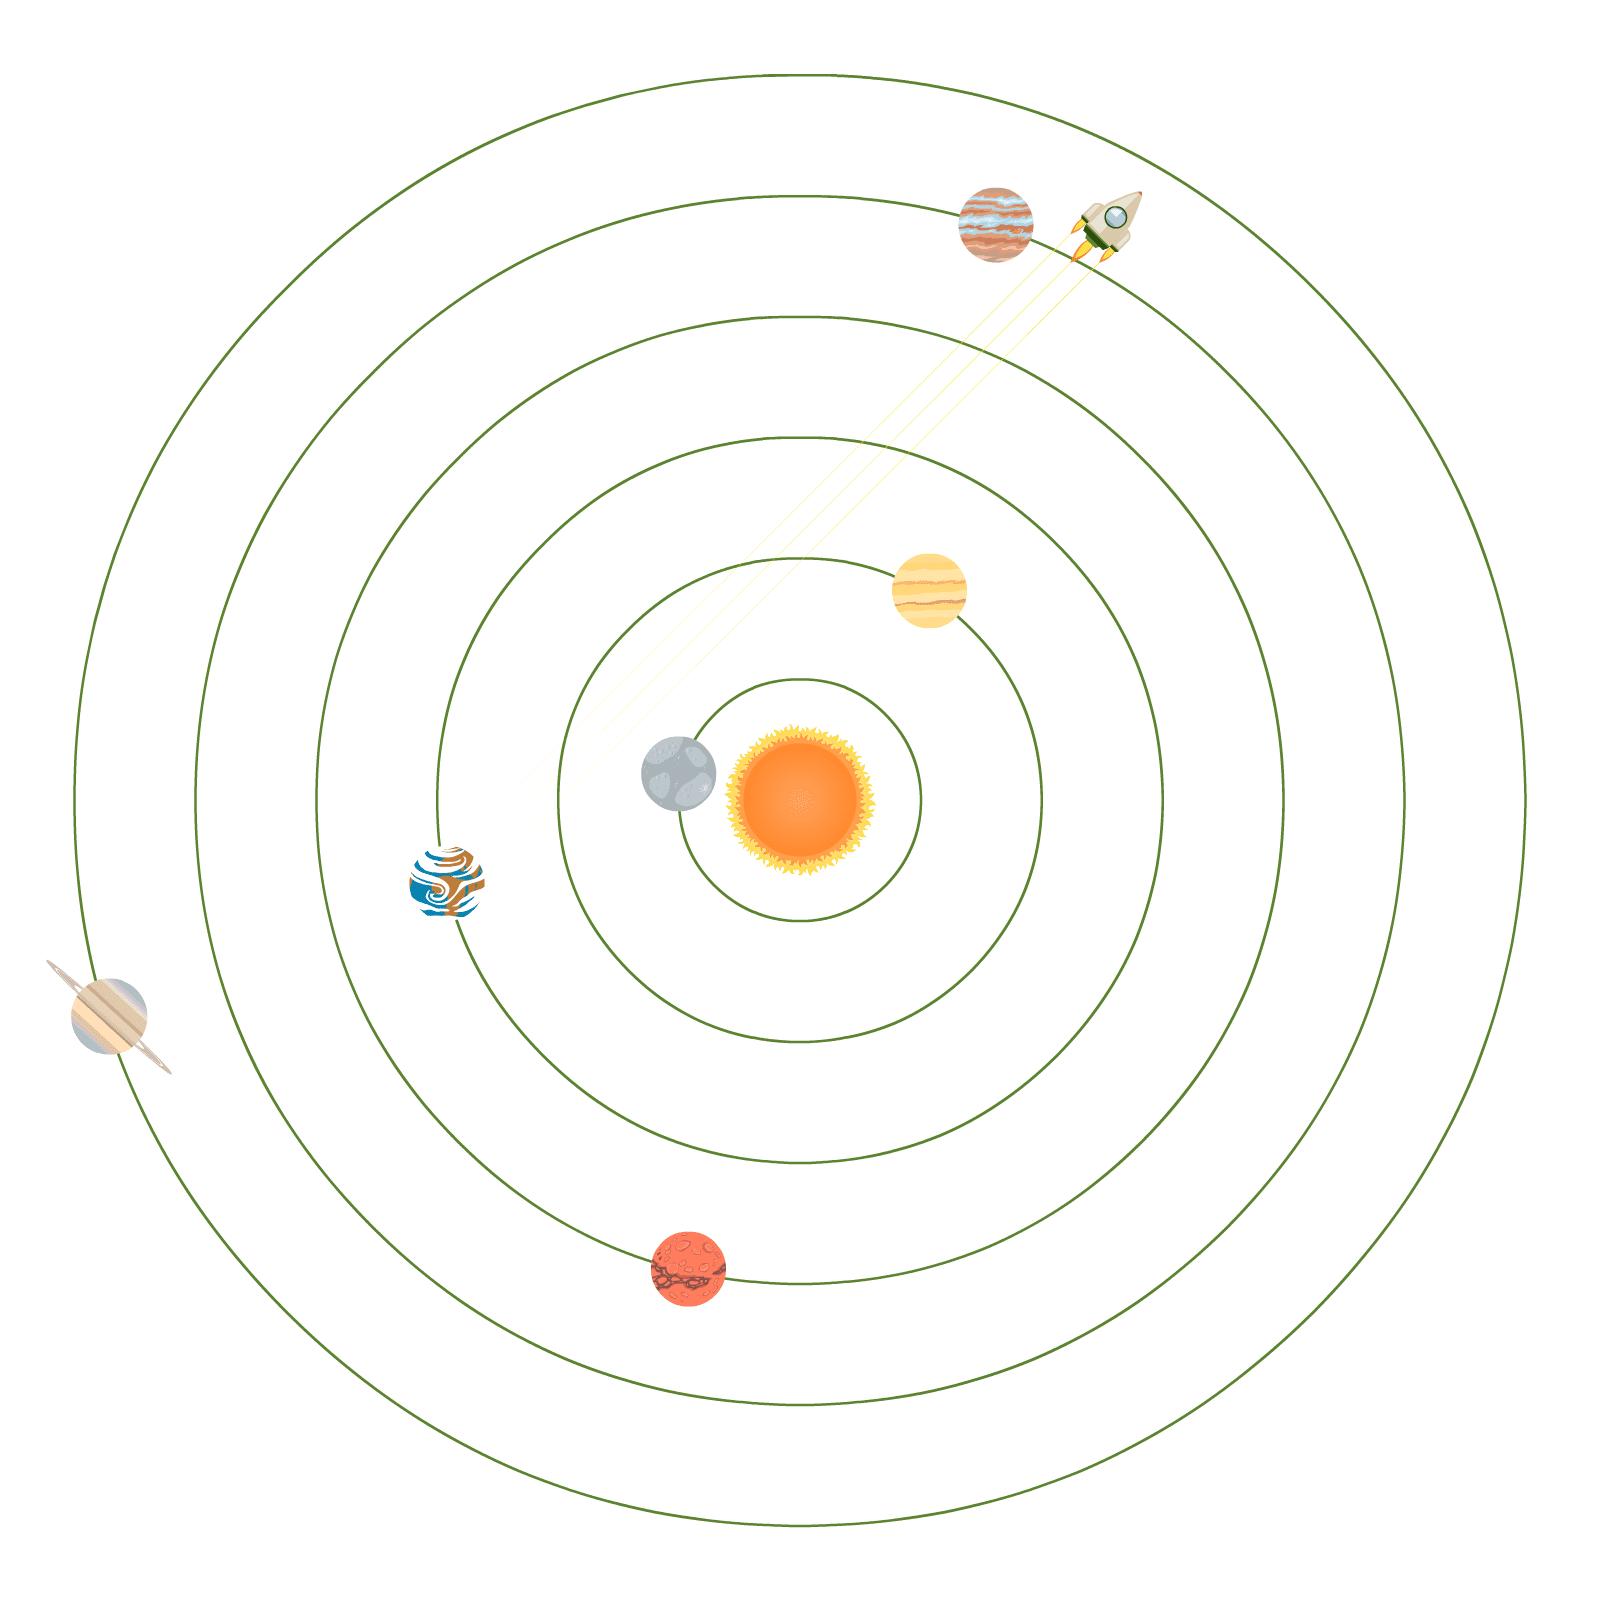 Escenario habitual en el Sistema Solar